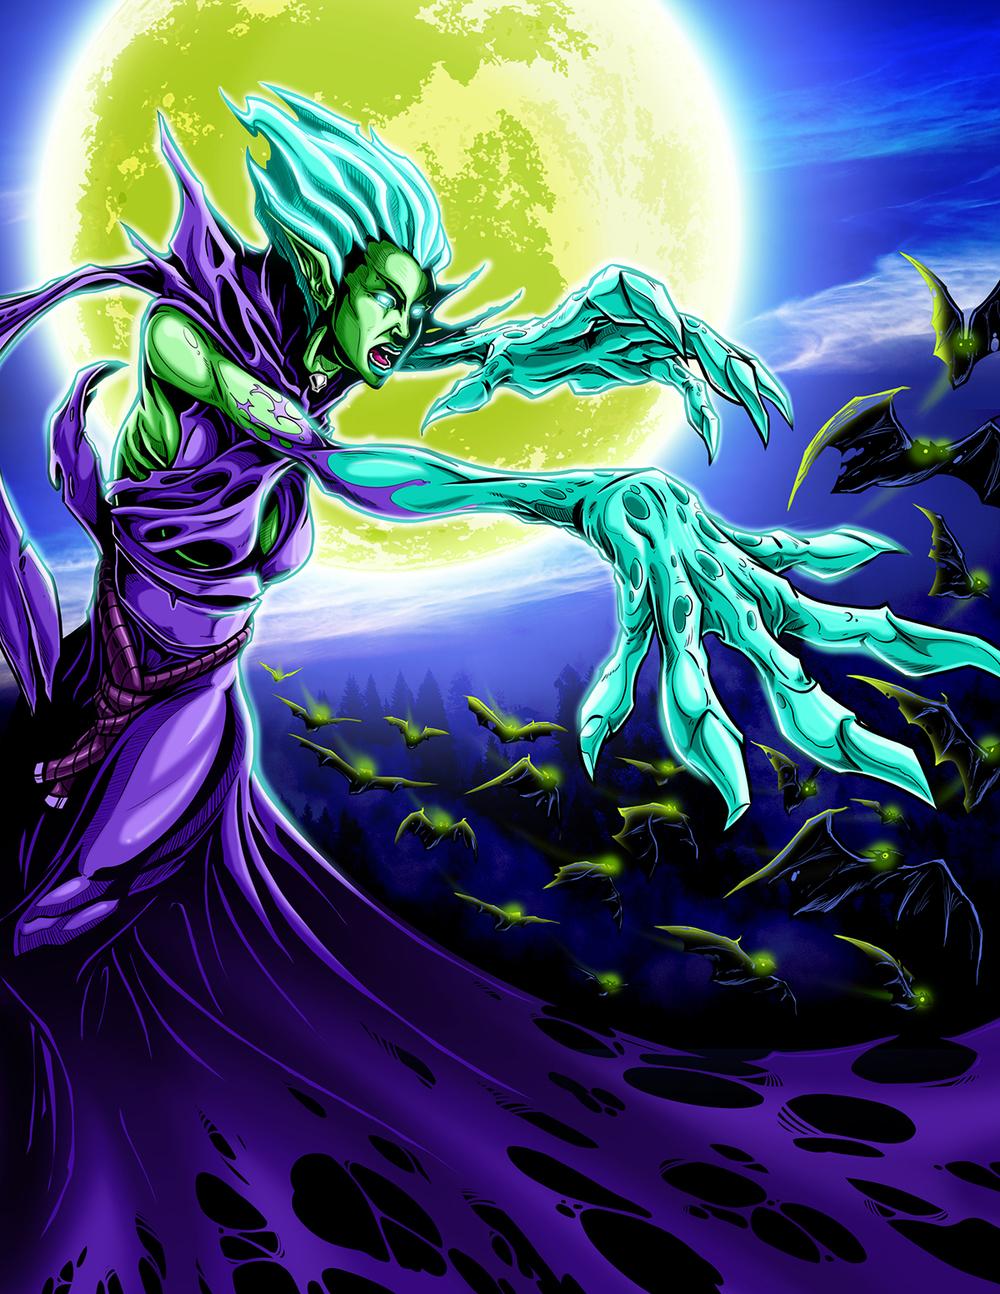 ...death prophet...